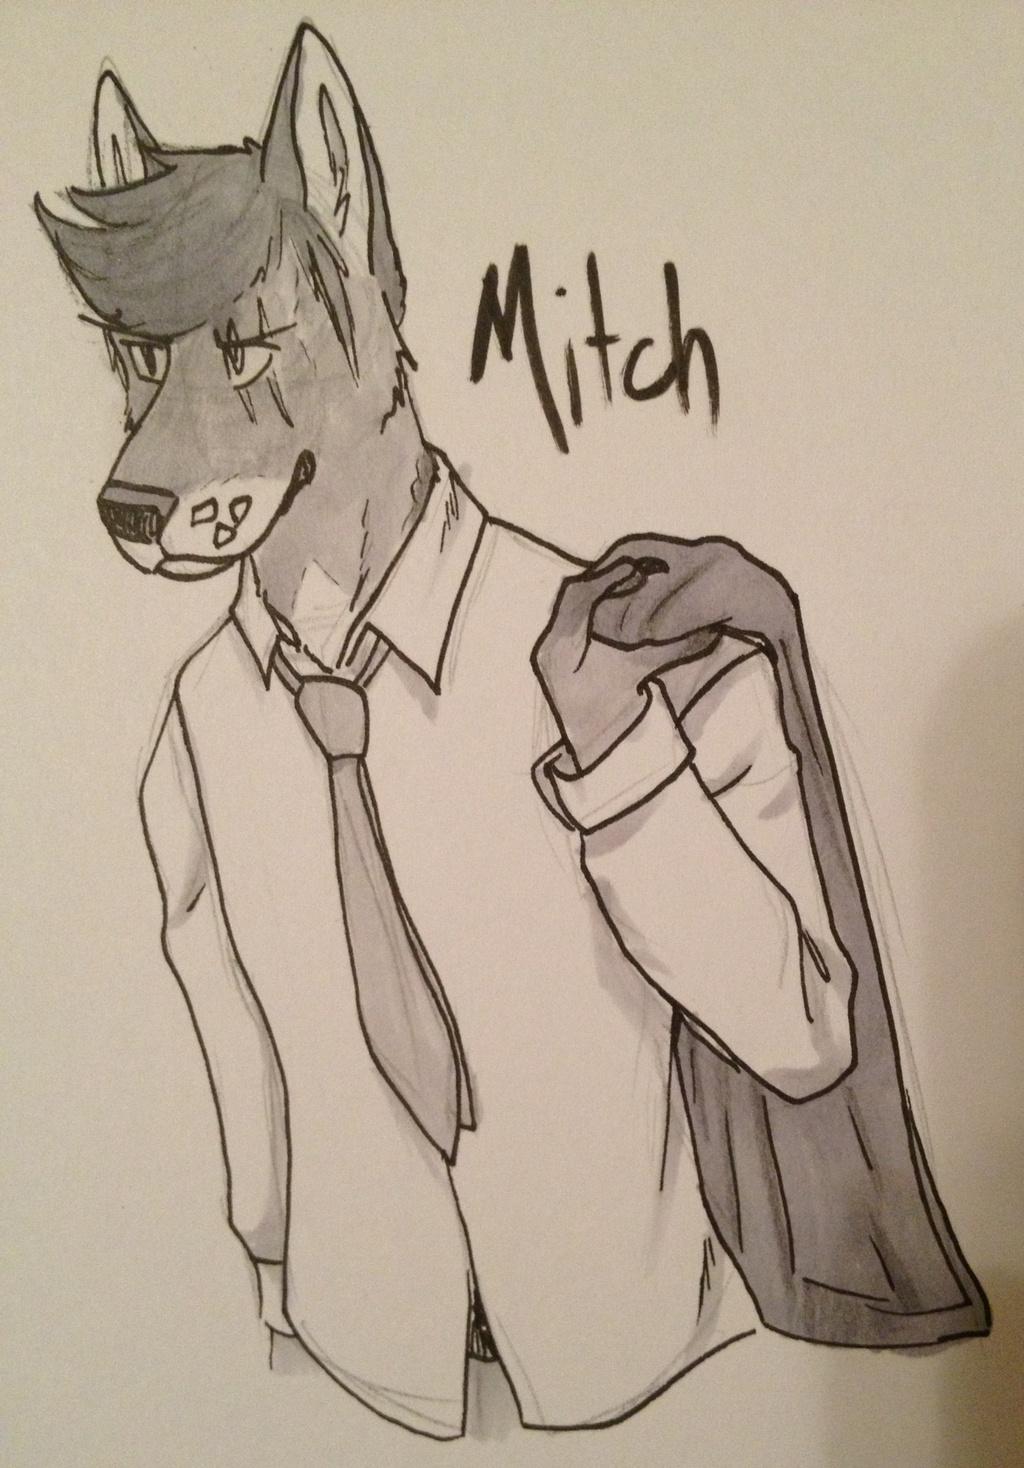 Mitch (trade)